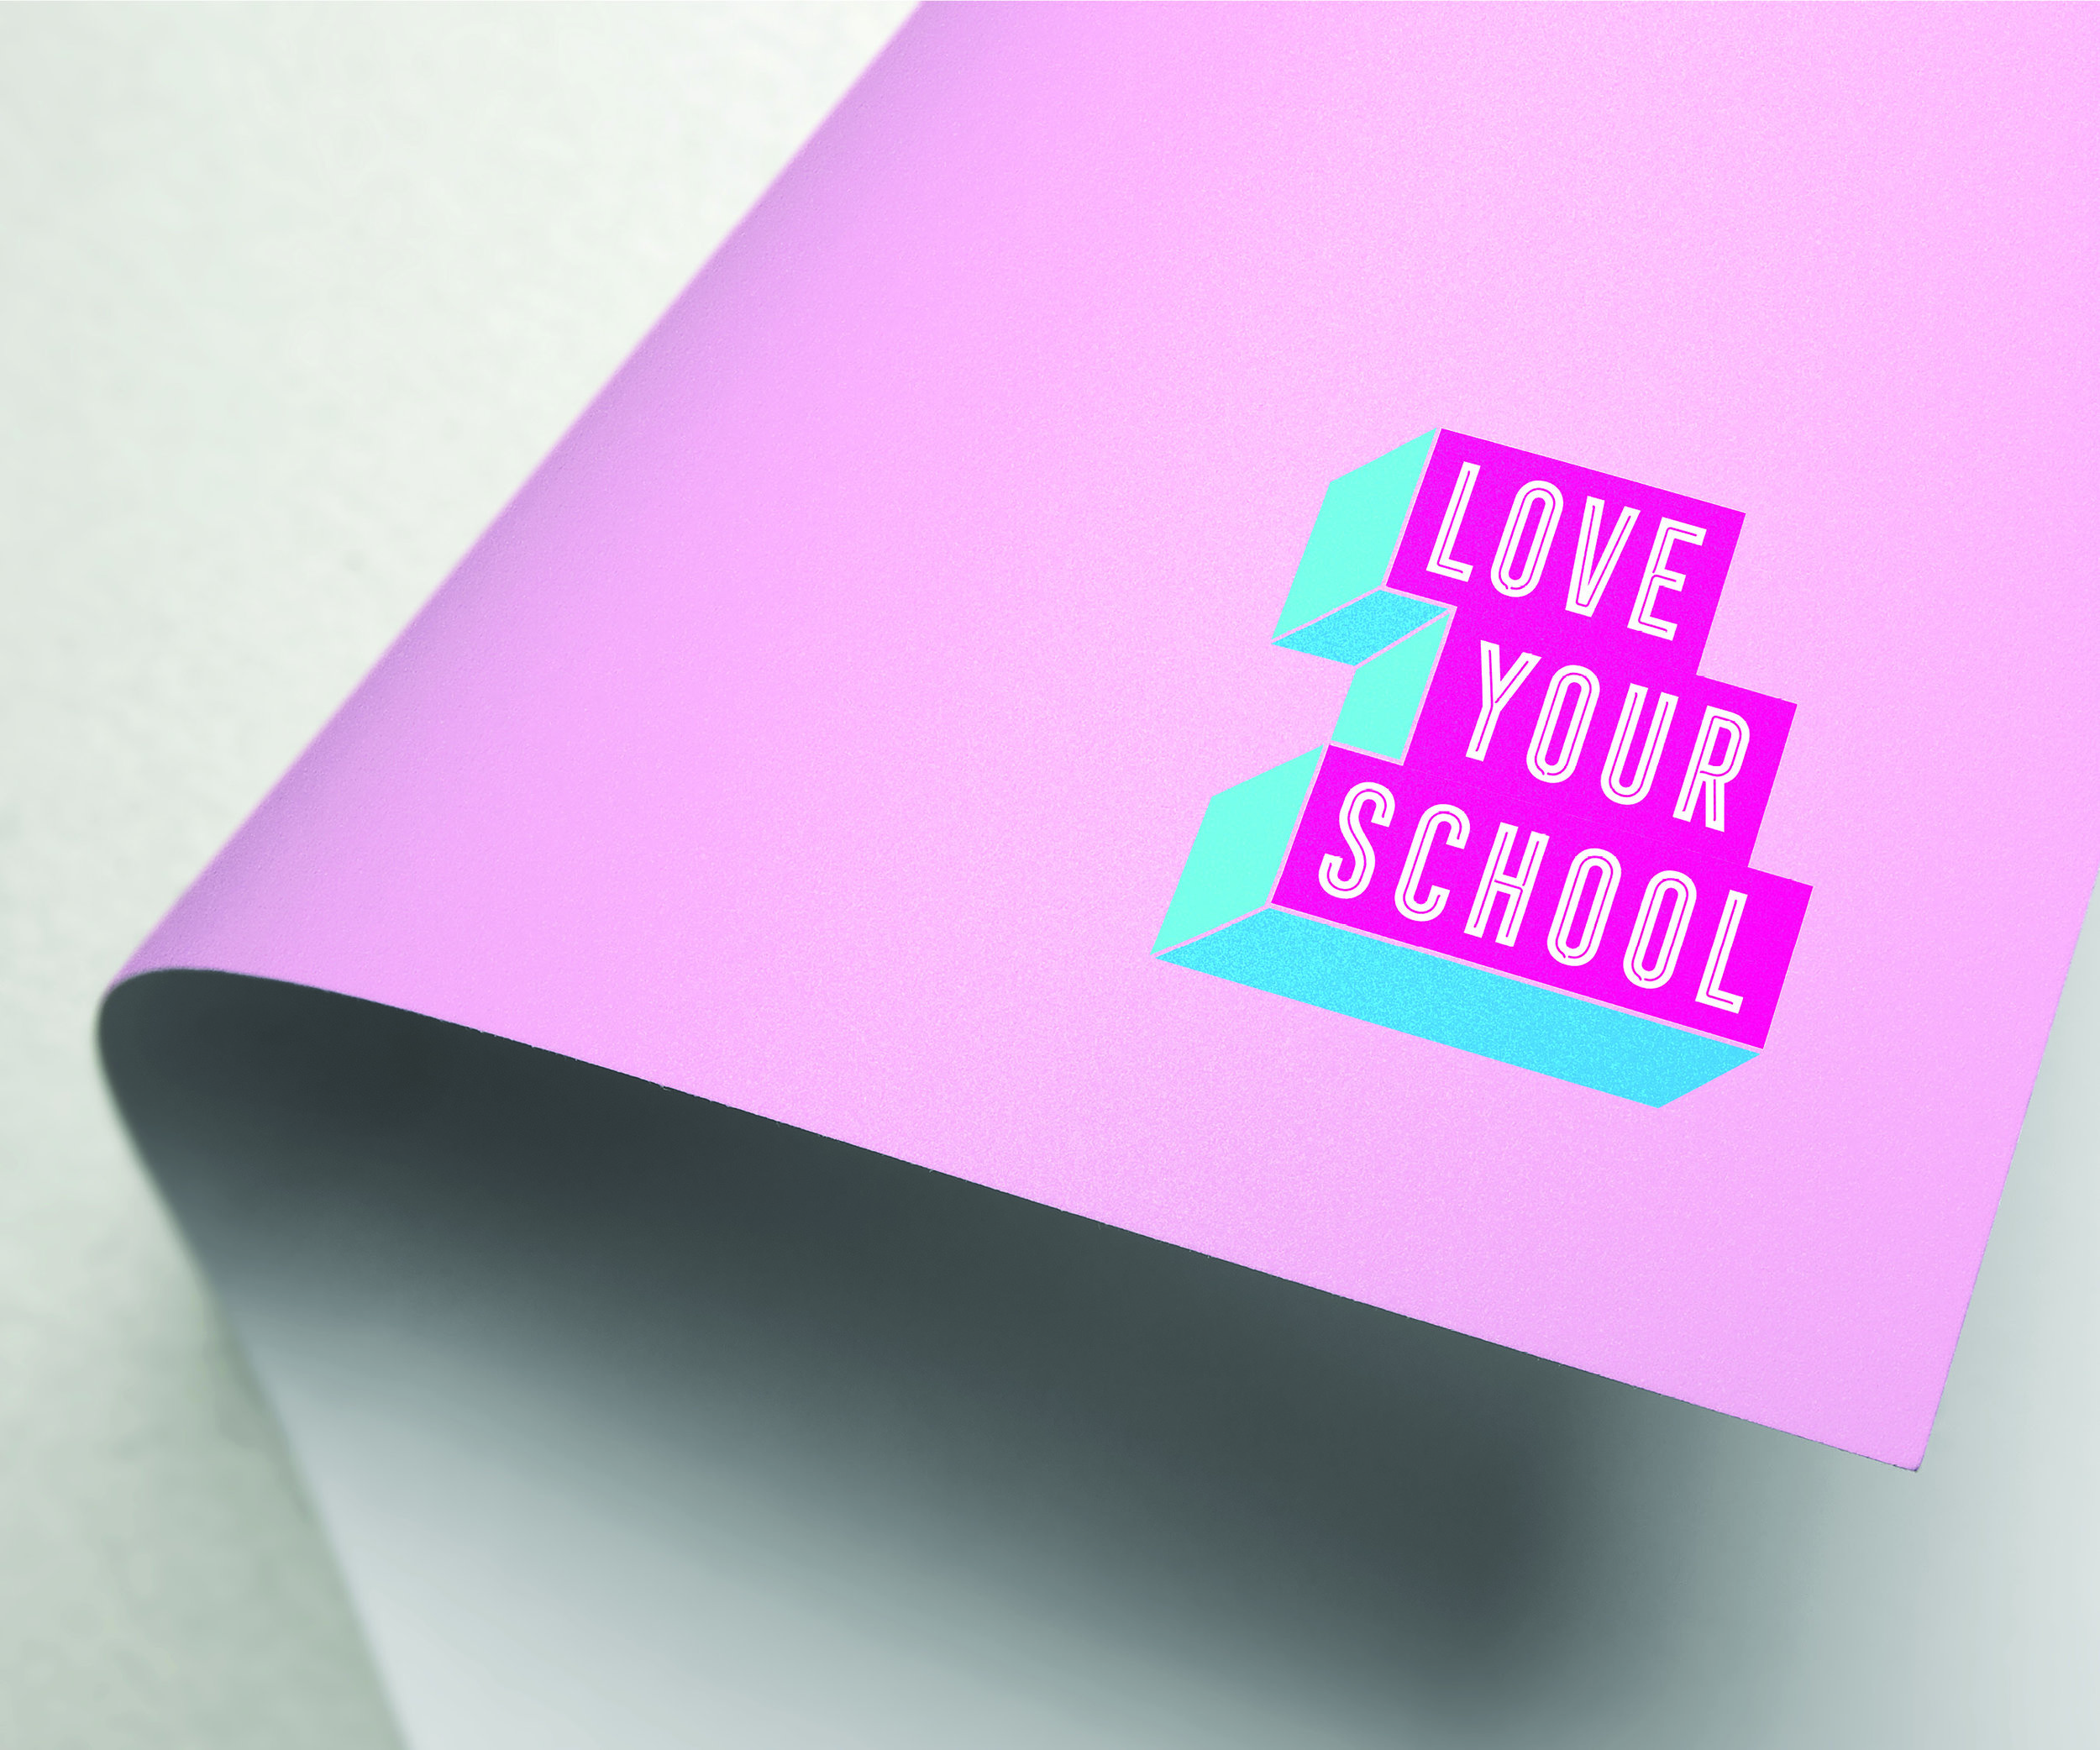 LoveYourSchool8.jpg